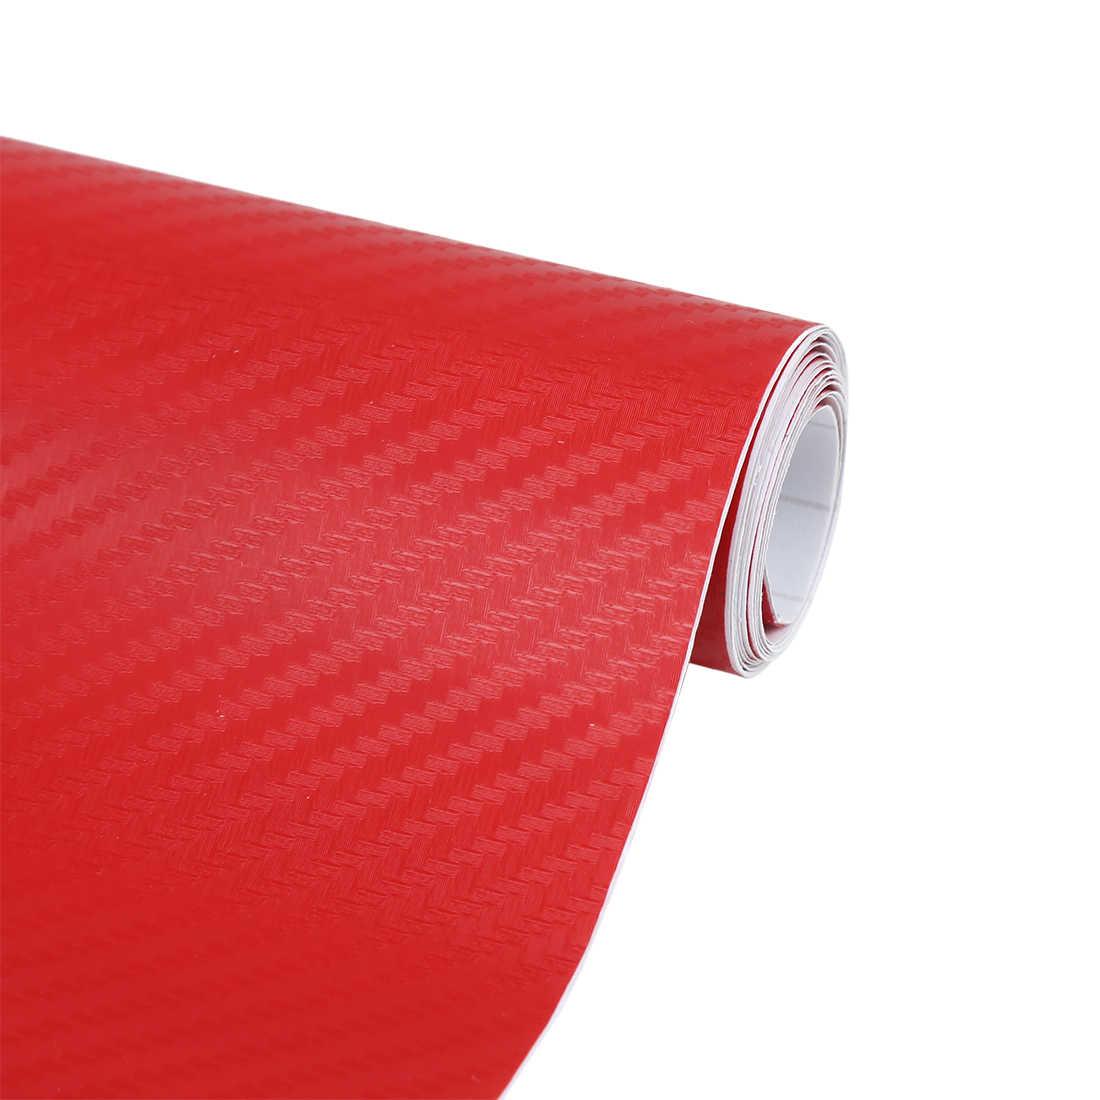 152x3 0 см/127 см x 30 см Виниловая автомобильная пленка из углеродного волокна, рулонная пленка, автомобильные наклейки и наклейки, аксессуары для стайлинга автомобилей мотоцикла